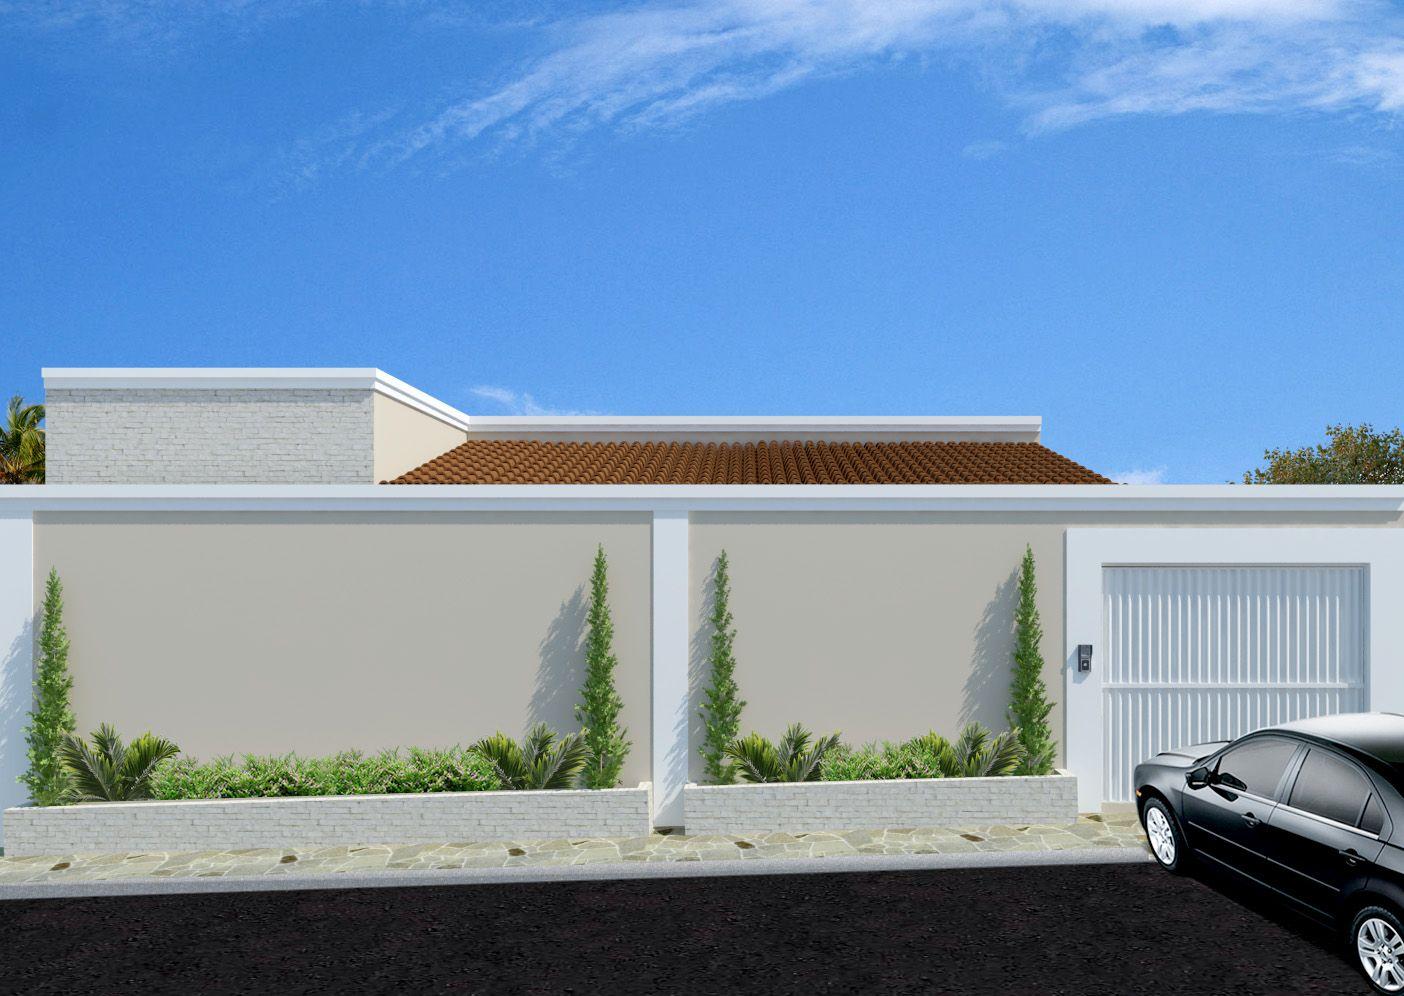 Fachadas de casas modernas com muros fotos fences gate for Fachadas modernas